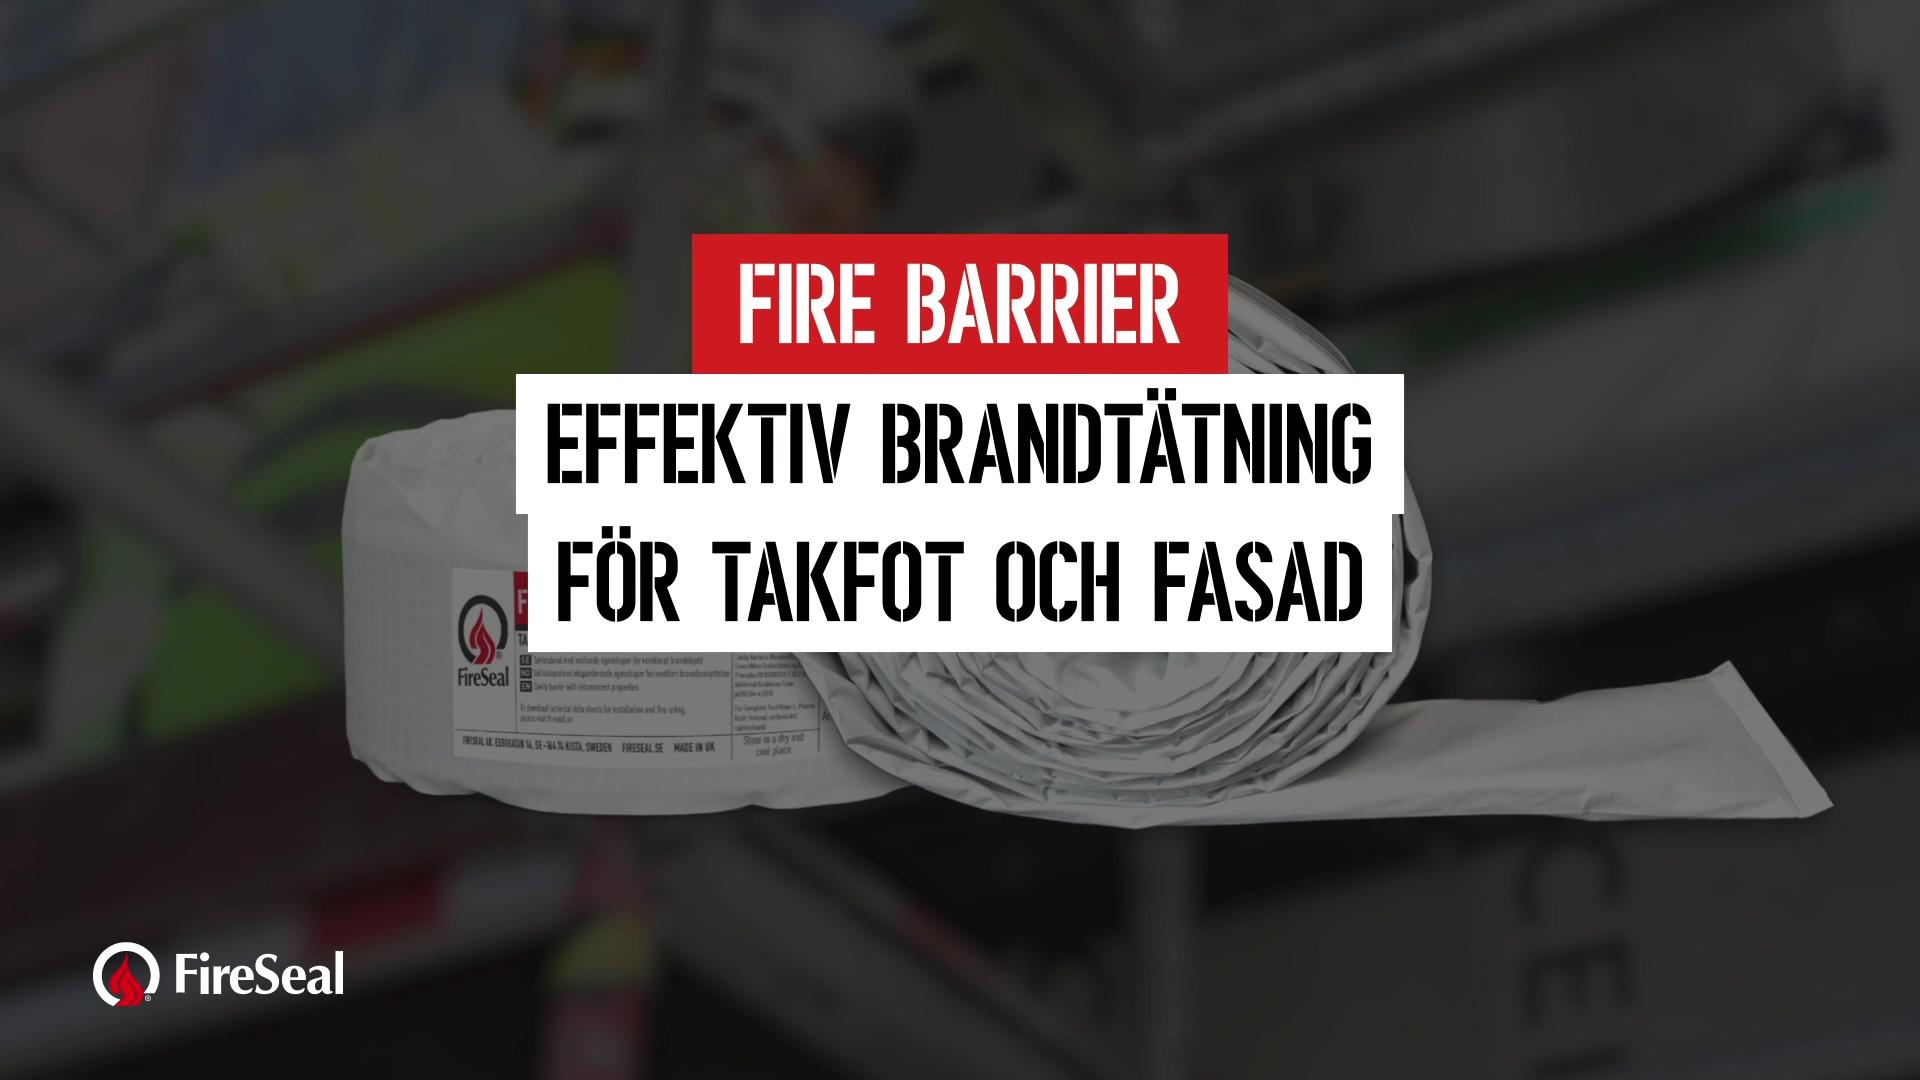 FireSeal-Fire-Barrier-promo-20201105